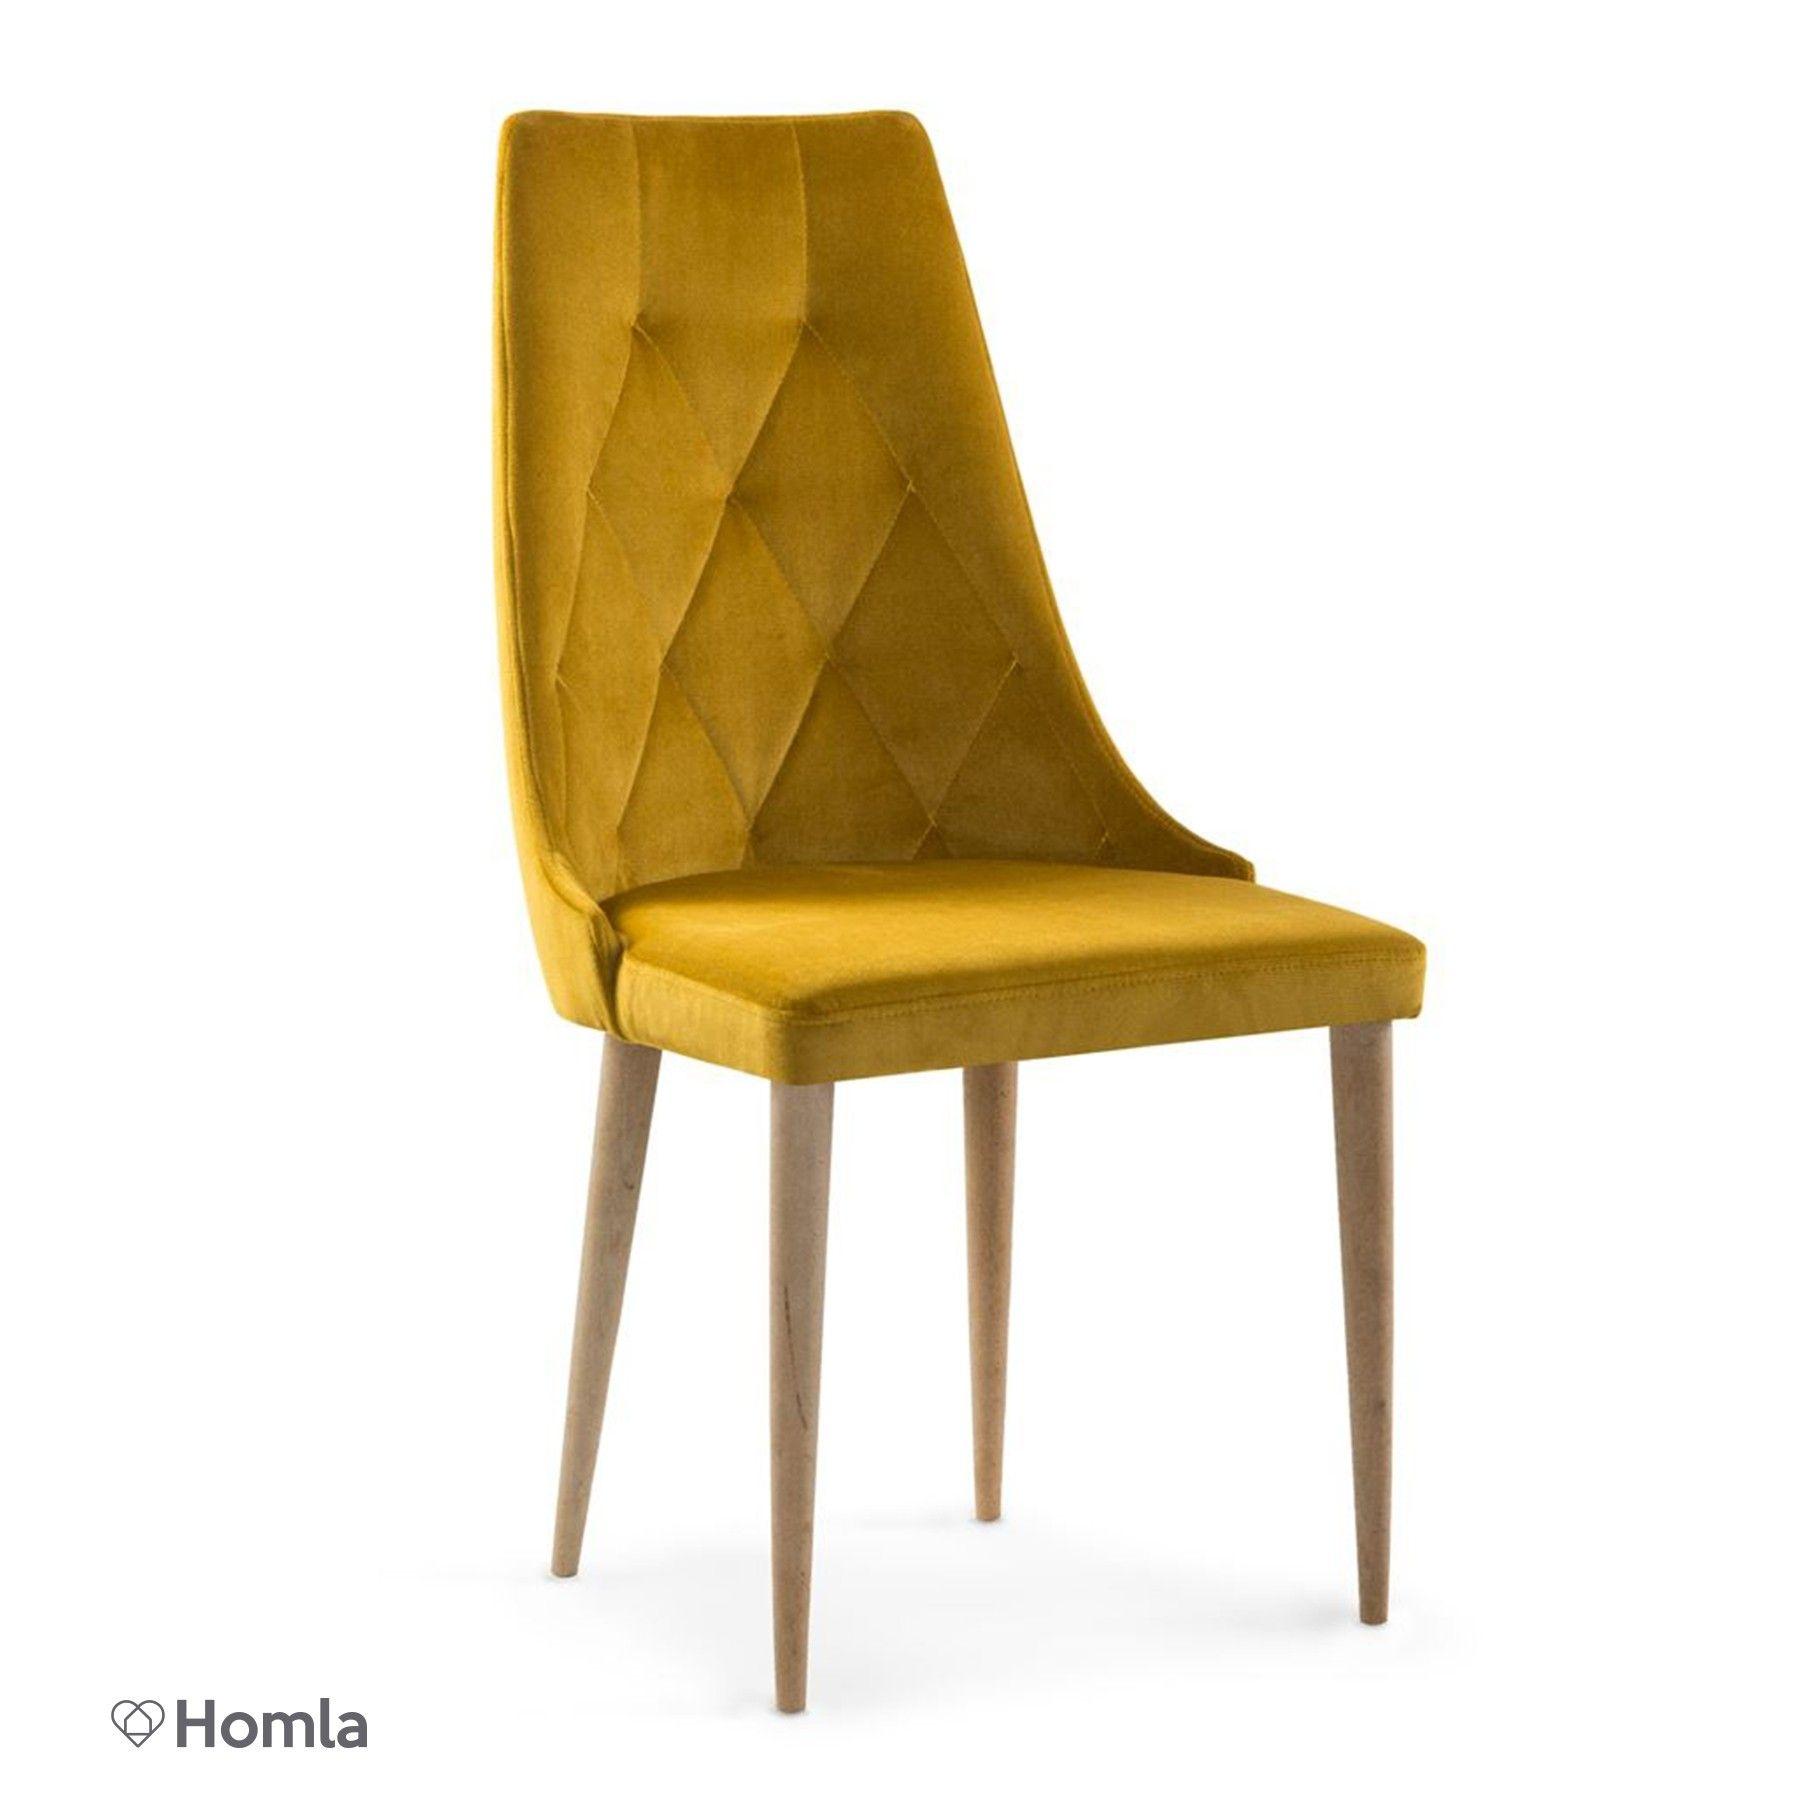 Prag Krzesło Musztardowe 98x50 Cm Homlacompl B93